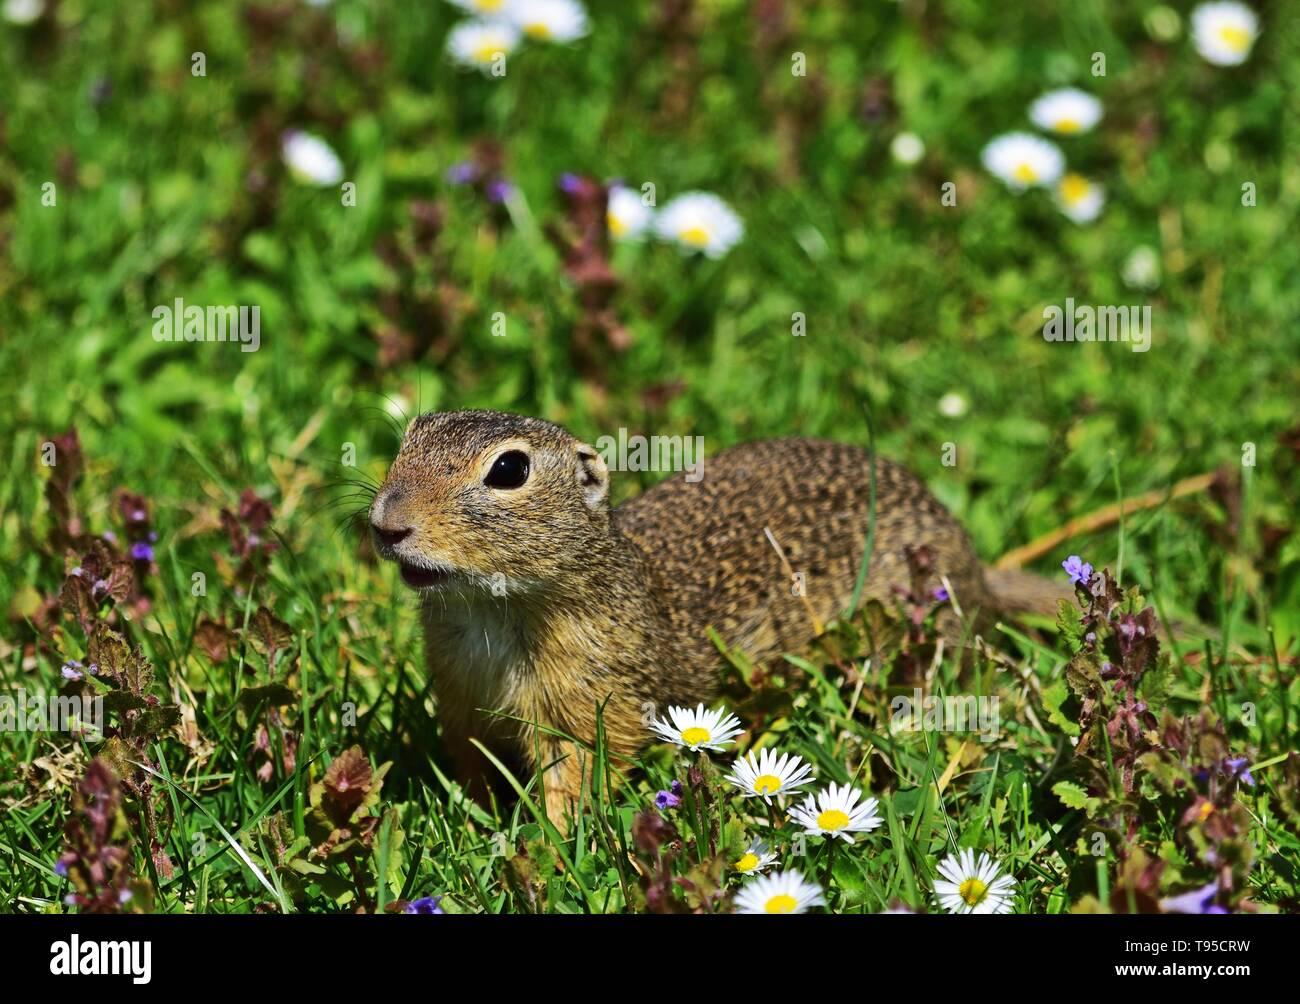 European ground squirrel - Spermophilus citellus Stock Photo